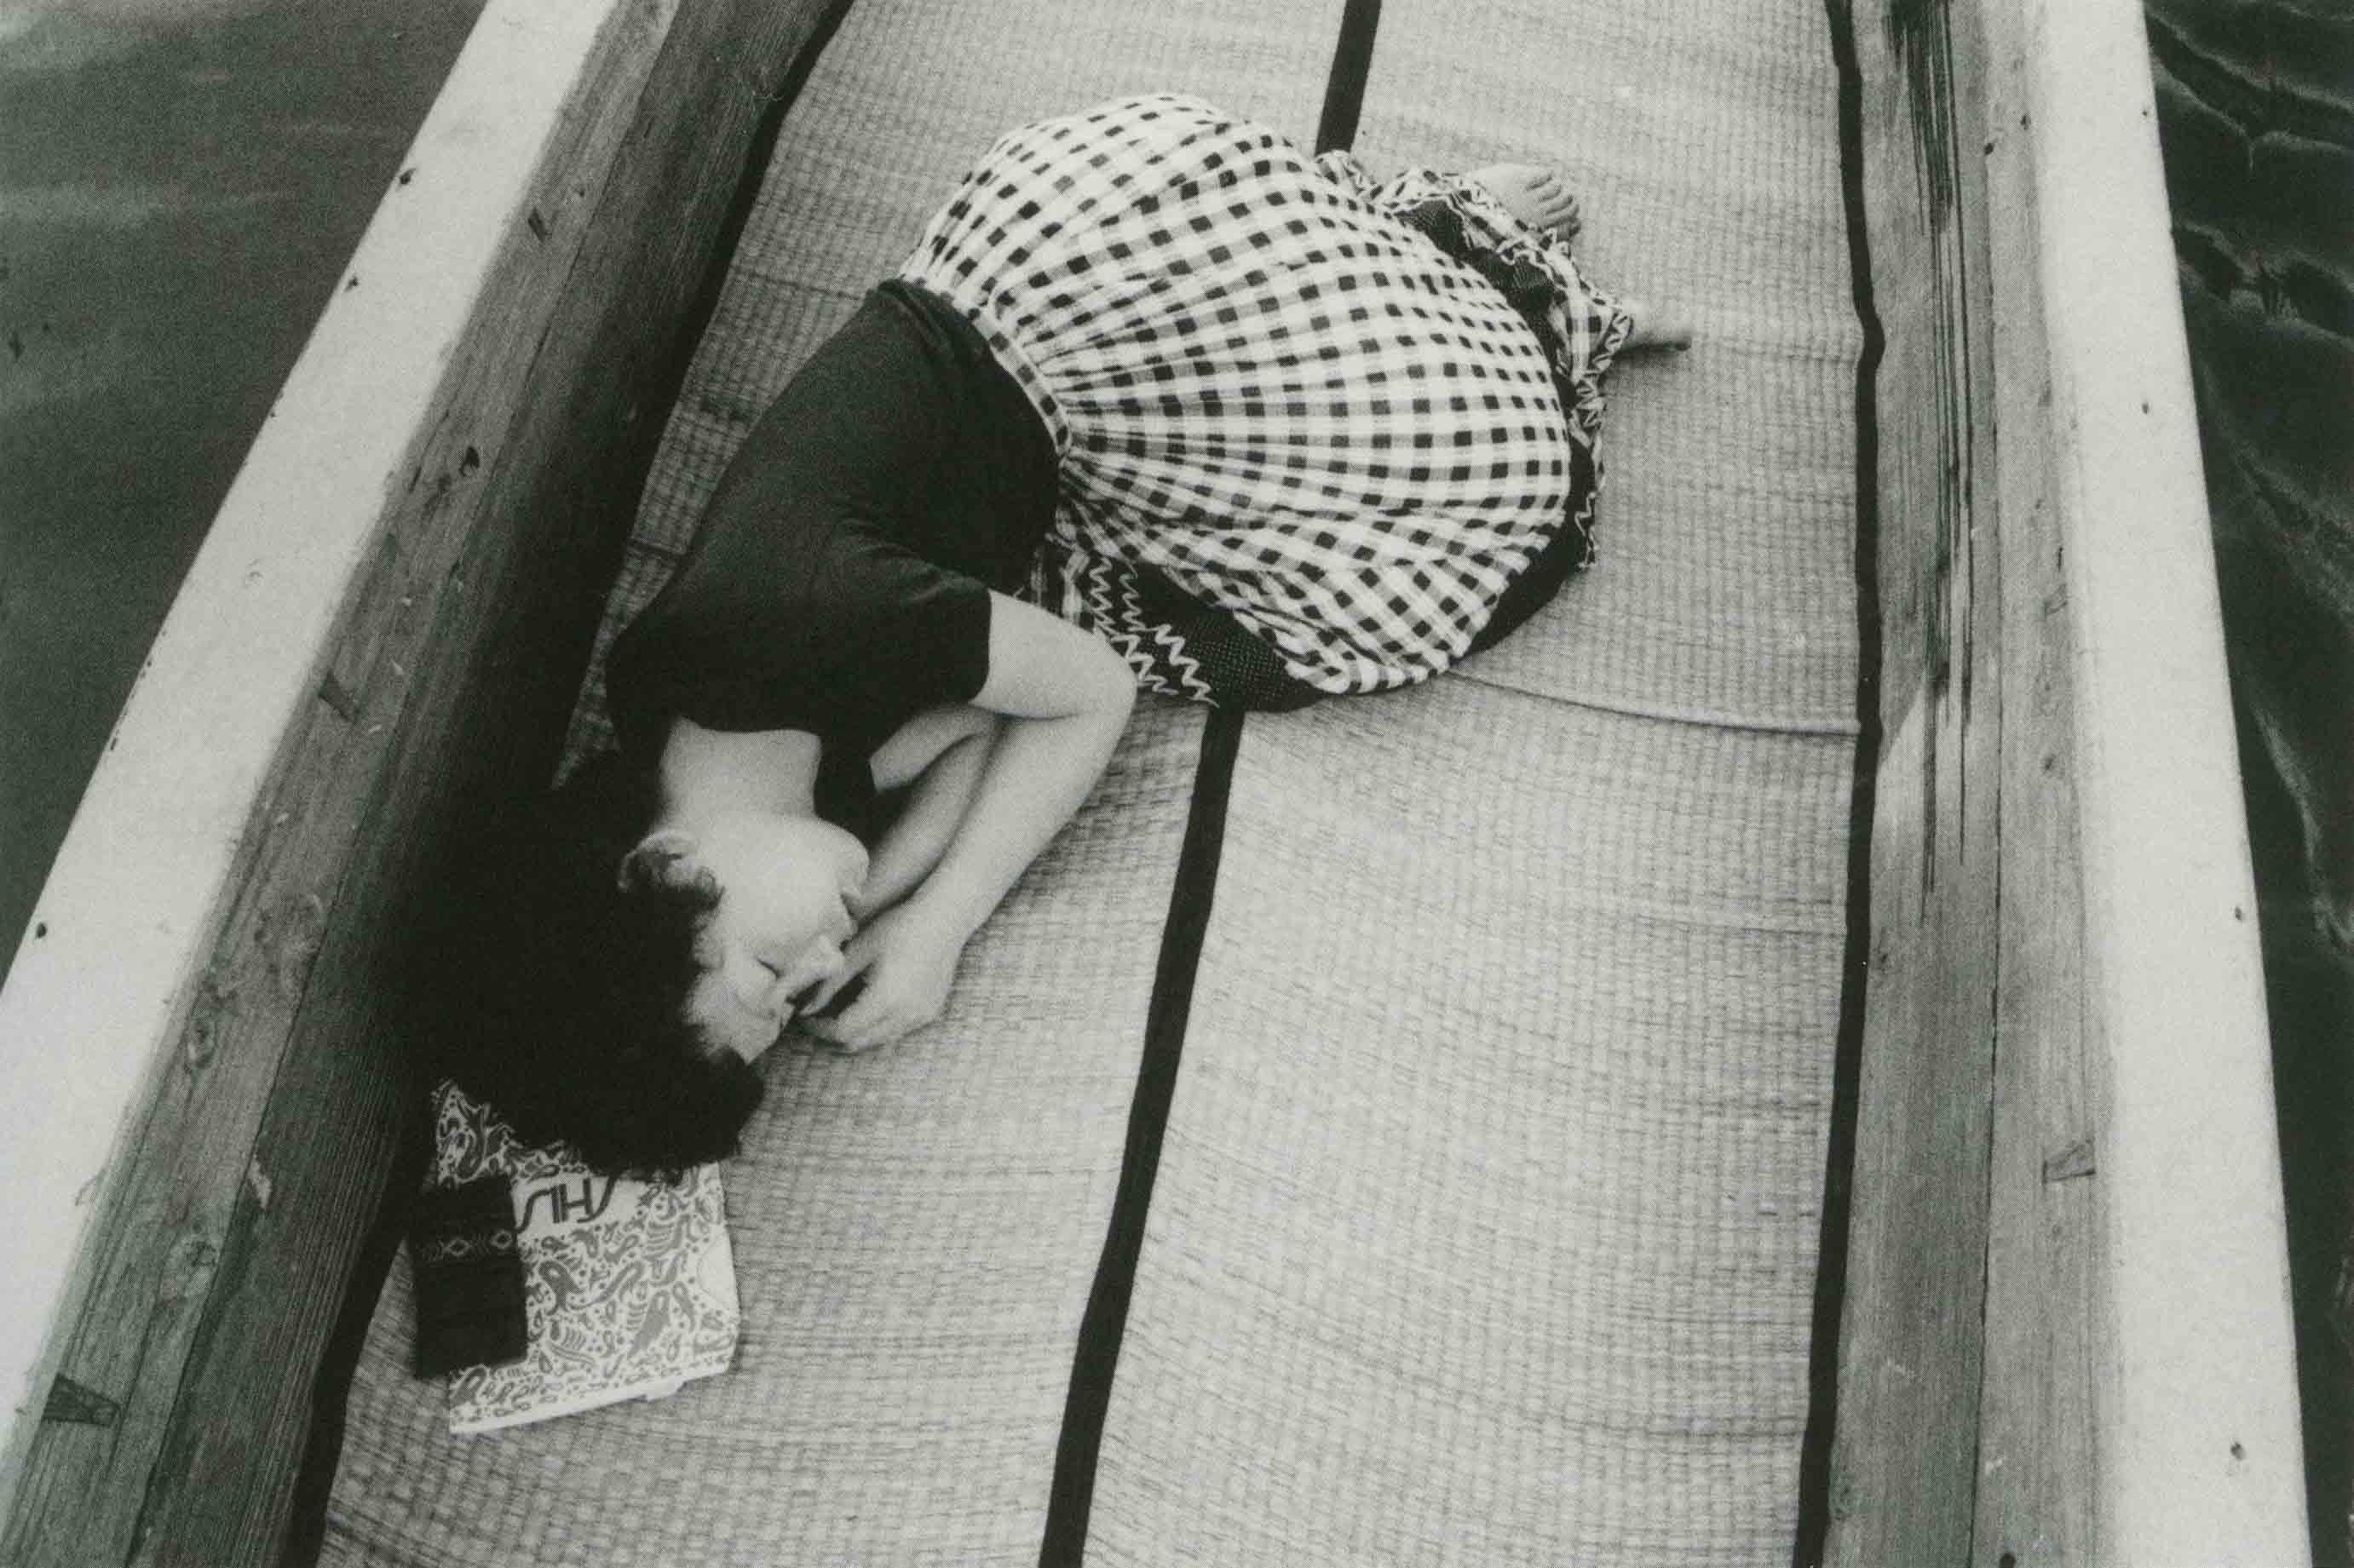 Nobuyoshi Araki_Sentimental Journey, 1971, 2017, Courtesy of Taka Ishii Gallery, Tokyo (B)